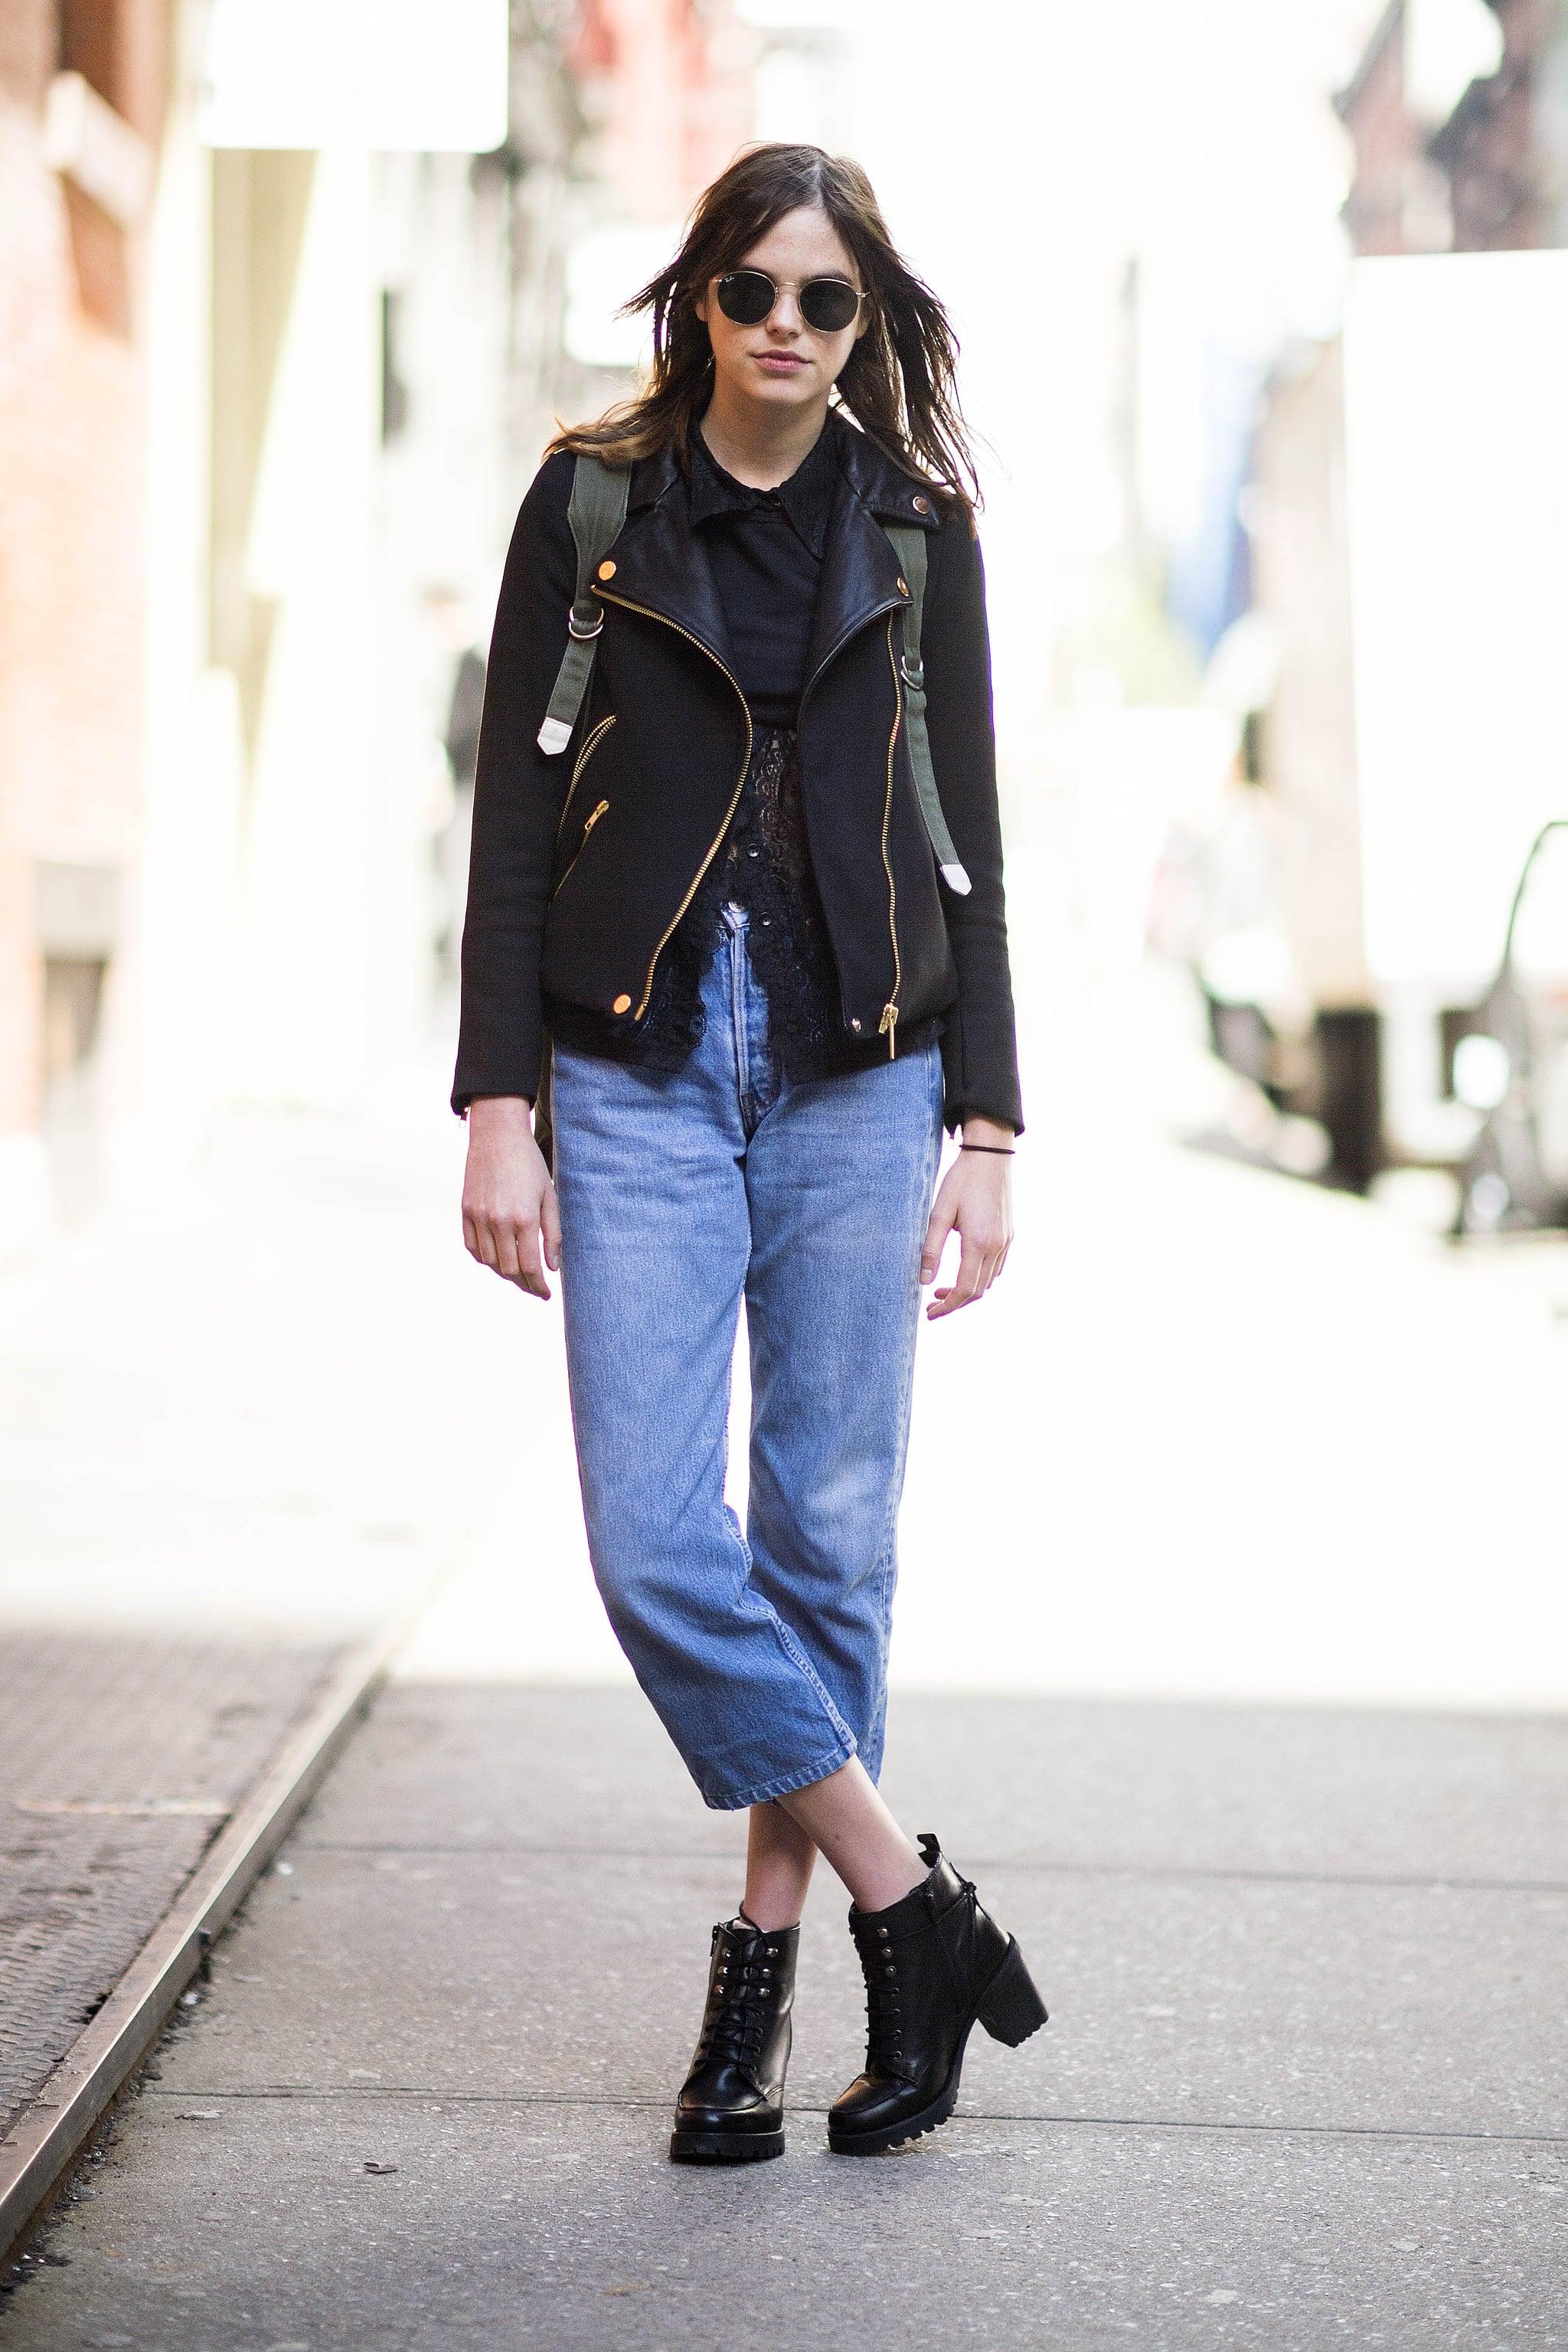 how to wear boyfriend jeans in winter